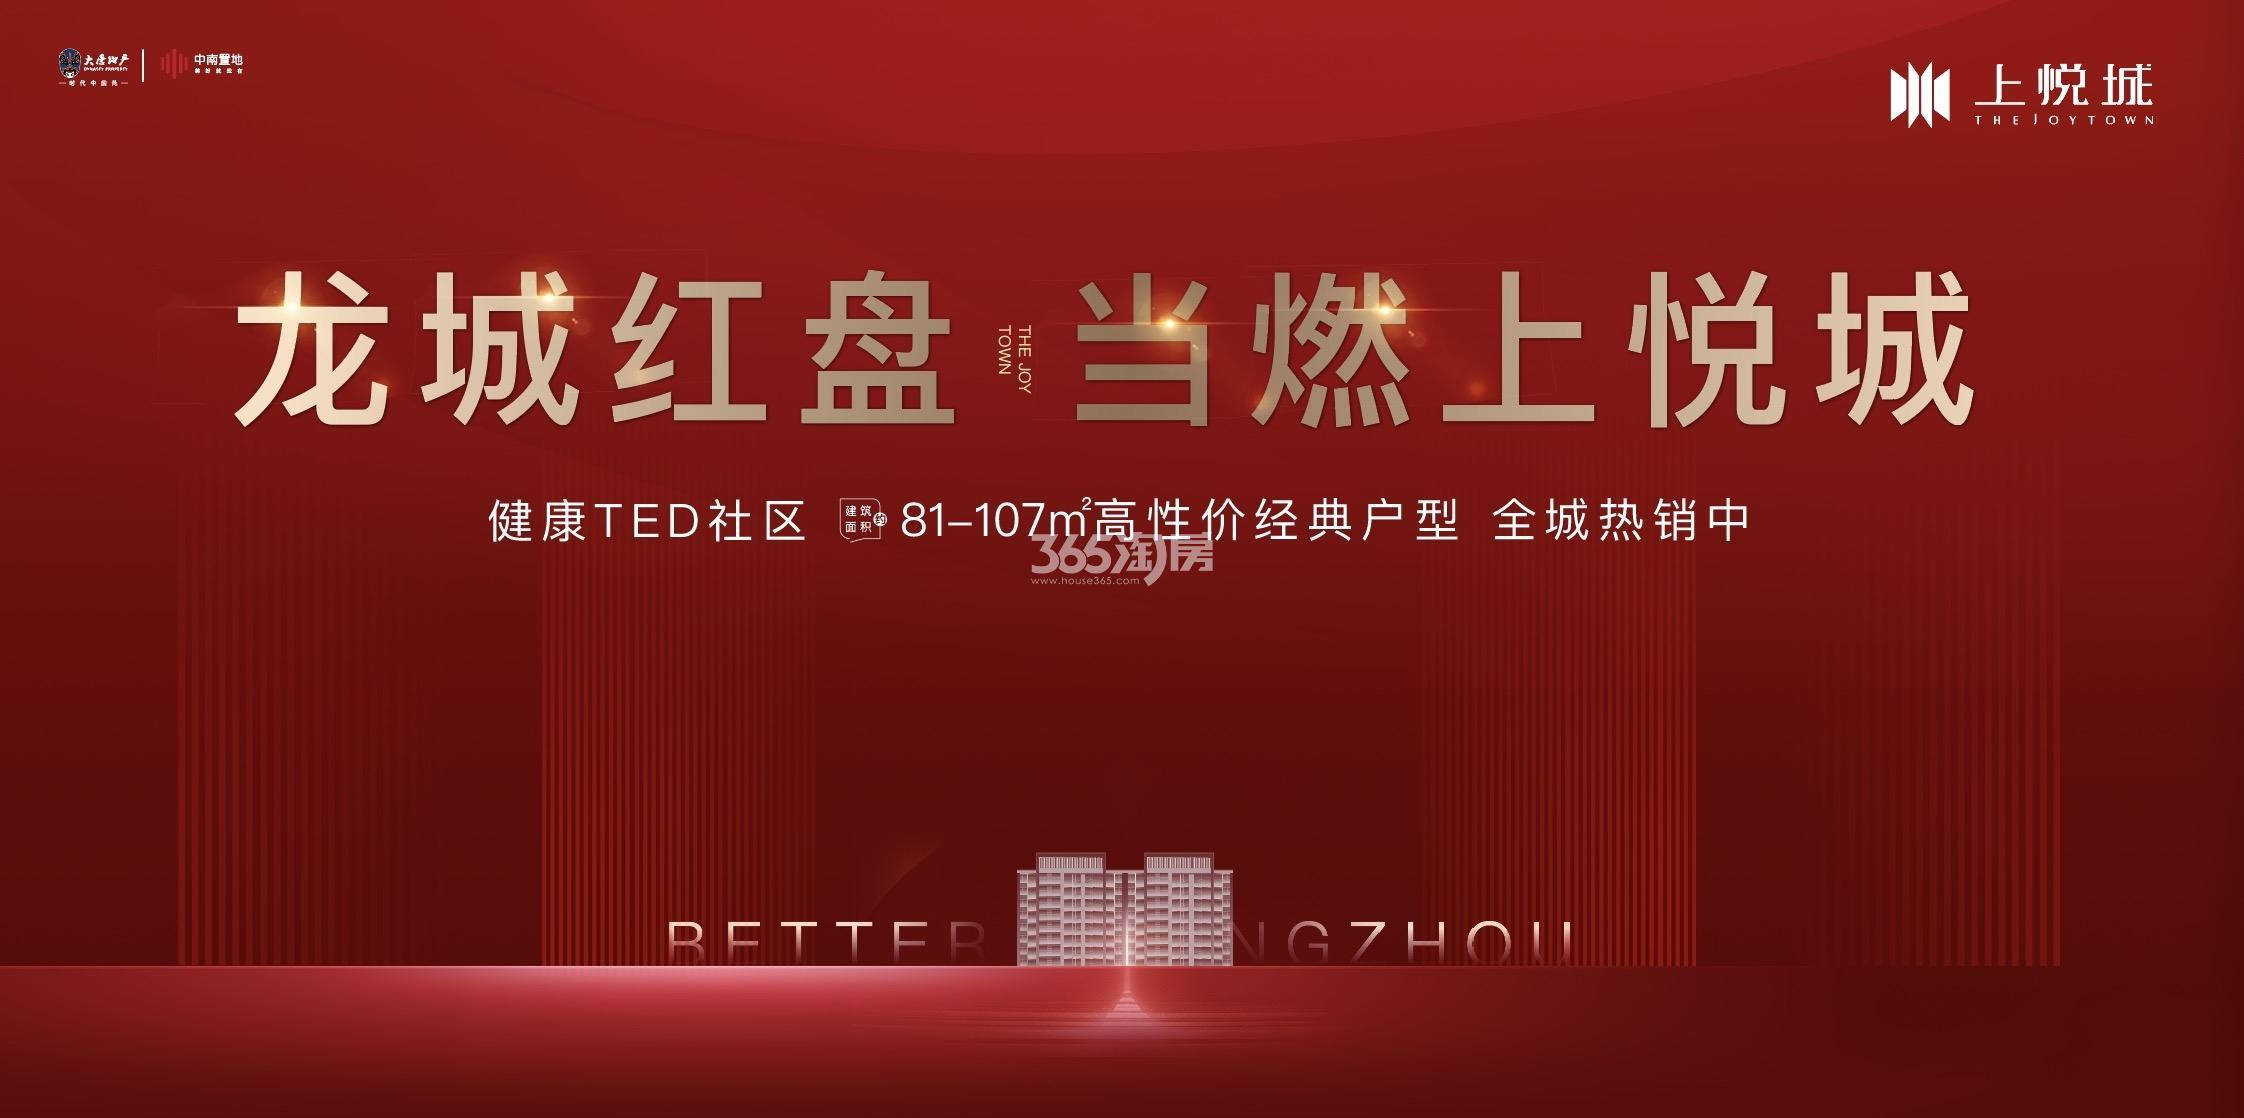 大唐·中南·上悦城效果图